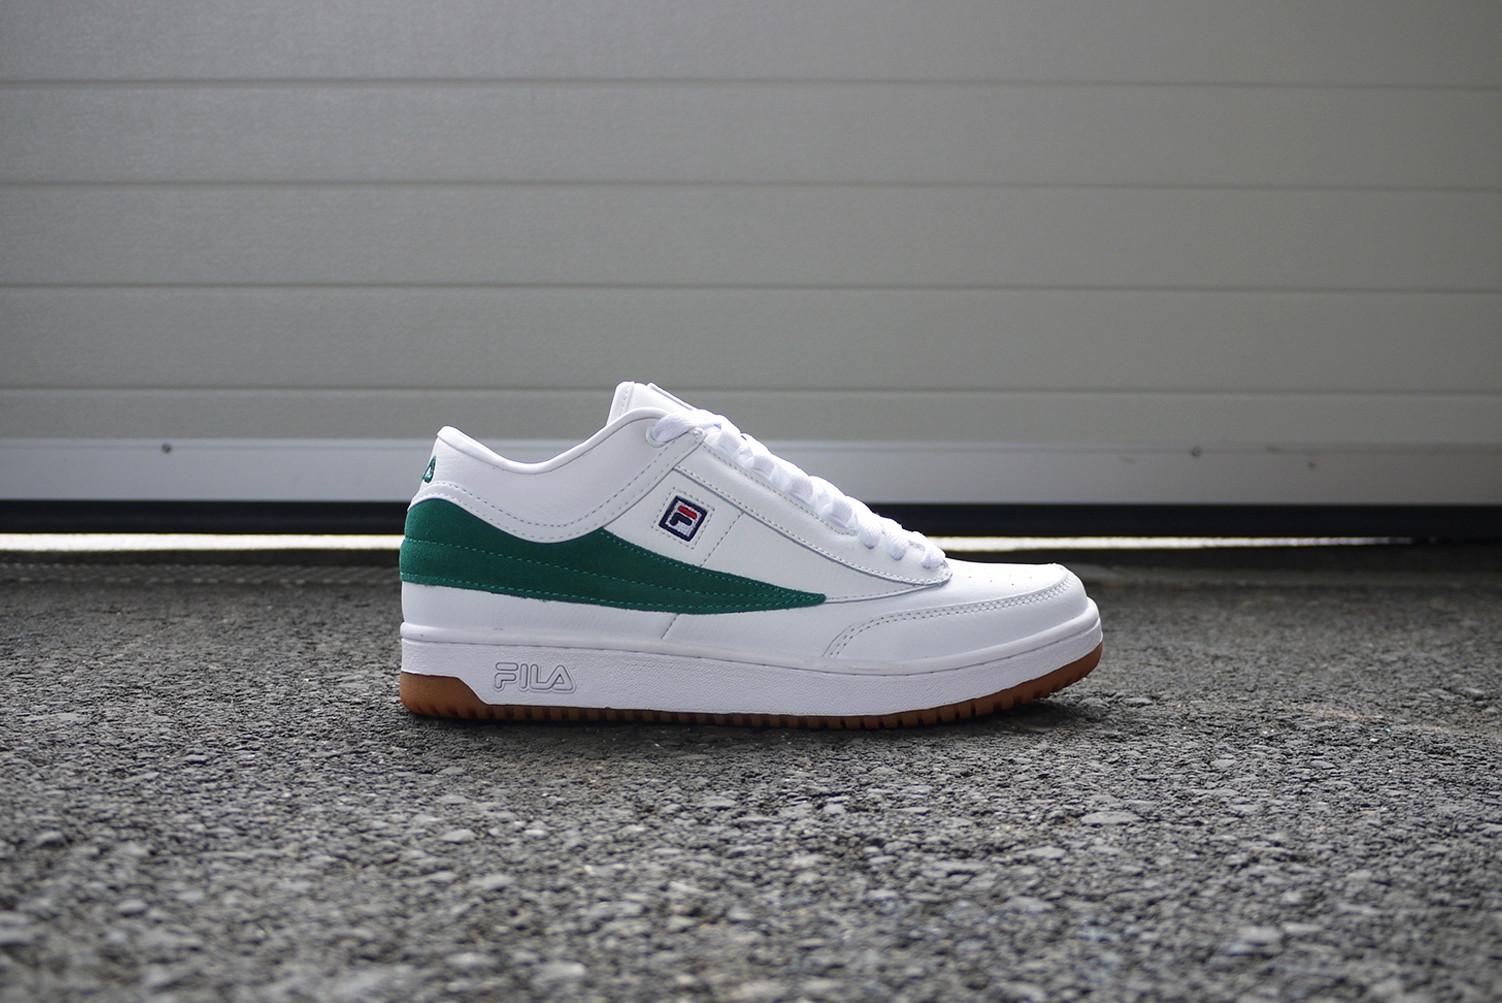 Fila T1 Mid white green